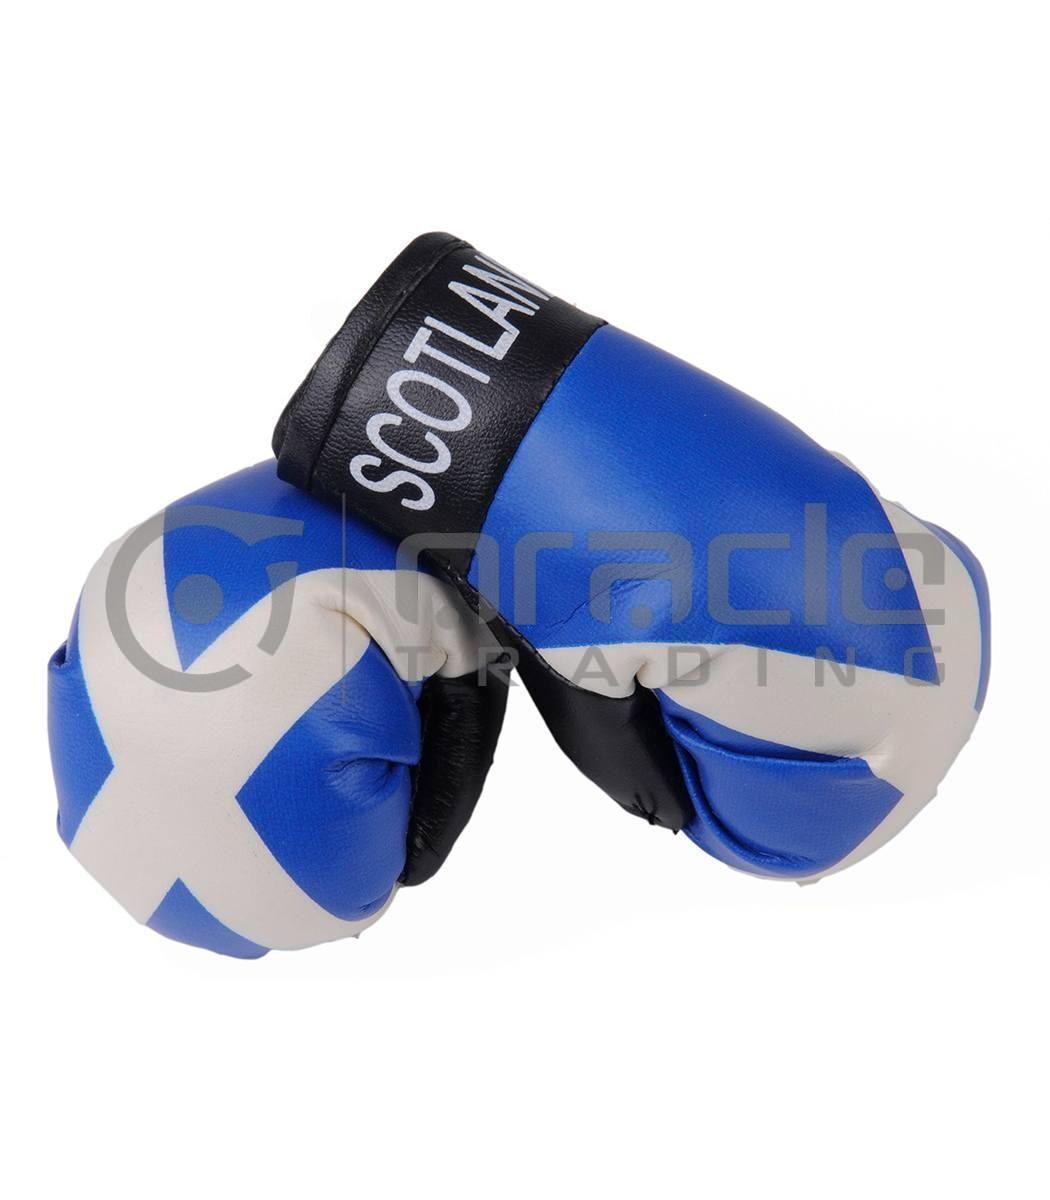 Scotland Boxing Gloves - St. Andrew's Cross